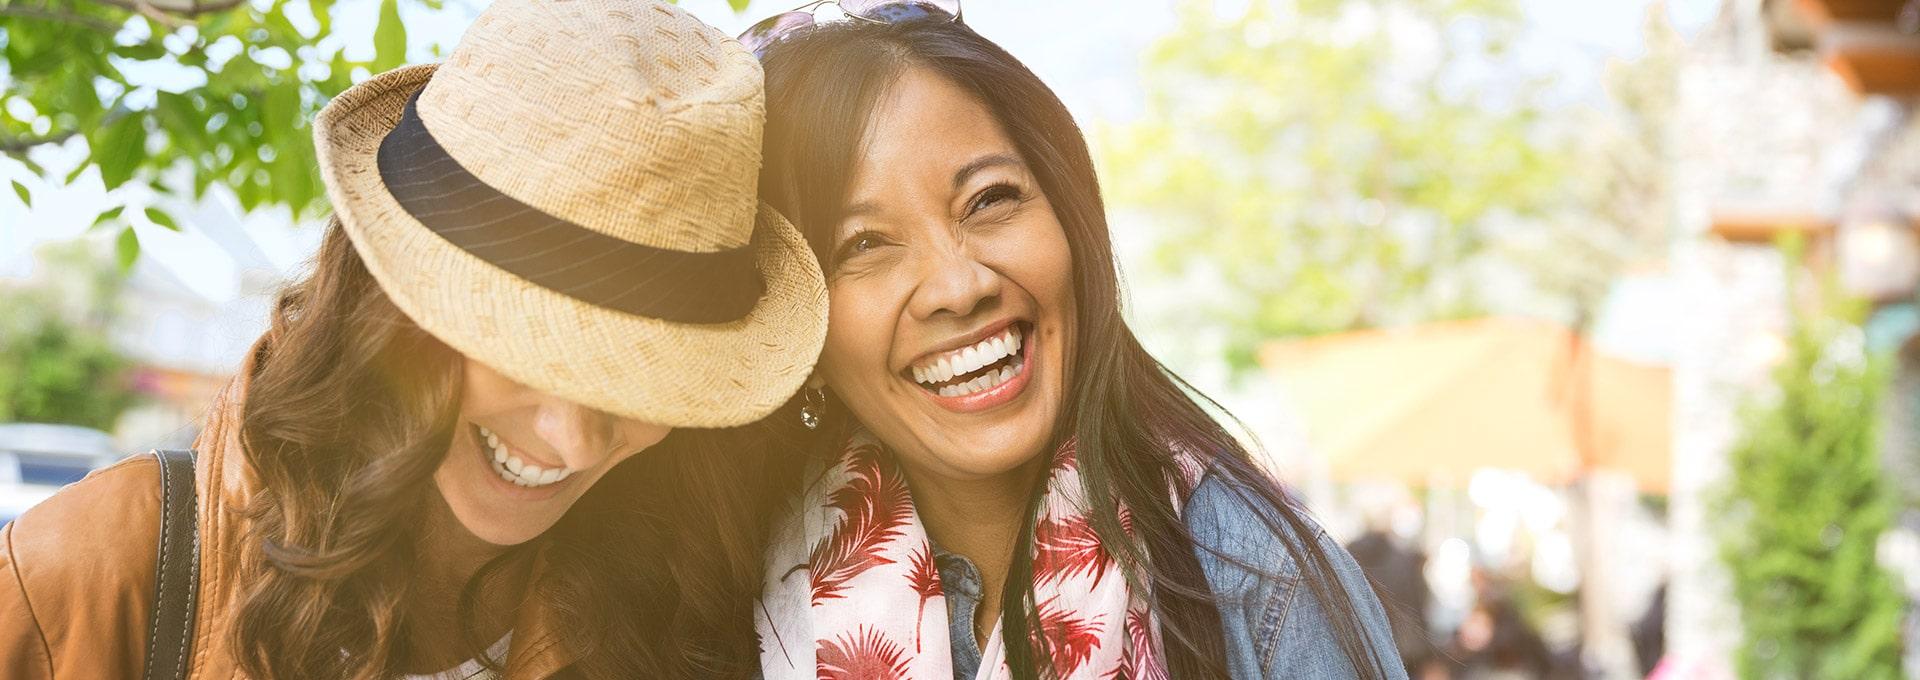 Vrouwen lopend op straat, hoeddragend en geen last van feedback van de hoortoestellen dankzij de Dynamic Feedback Canceller™.